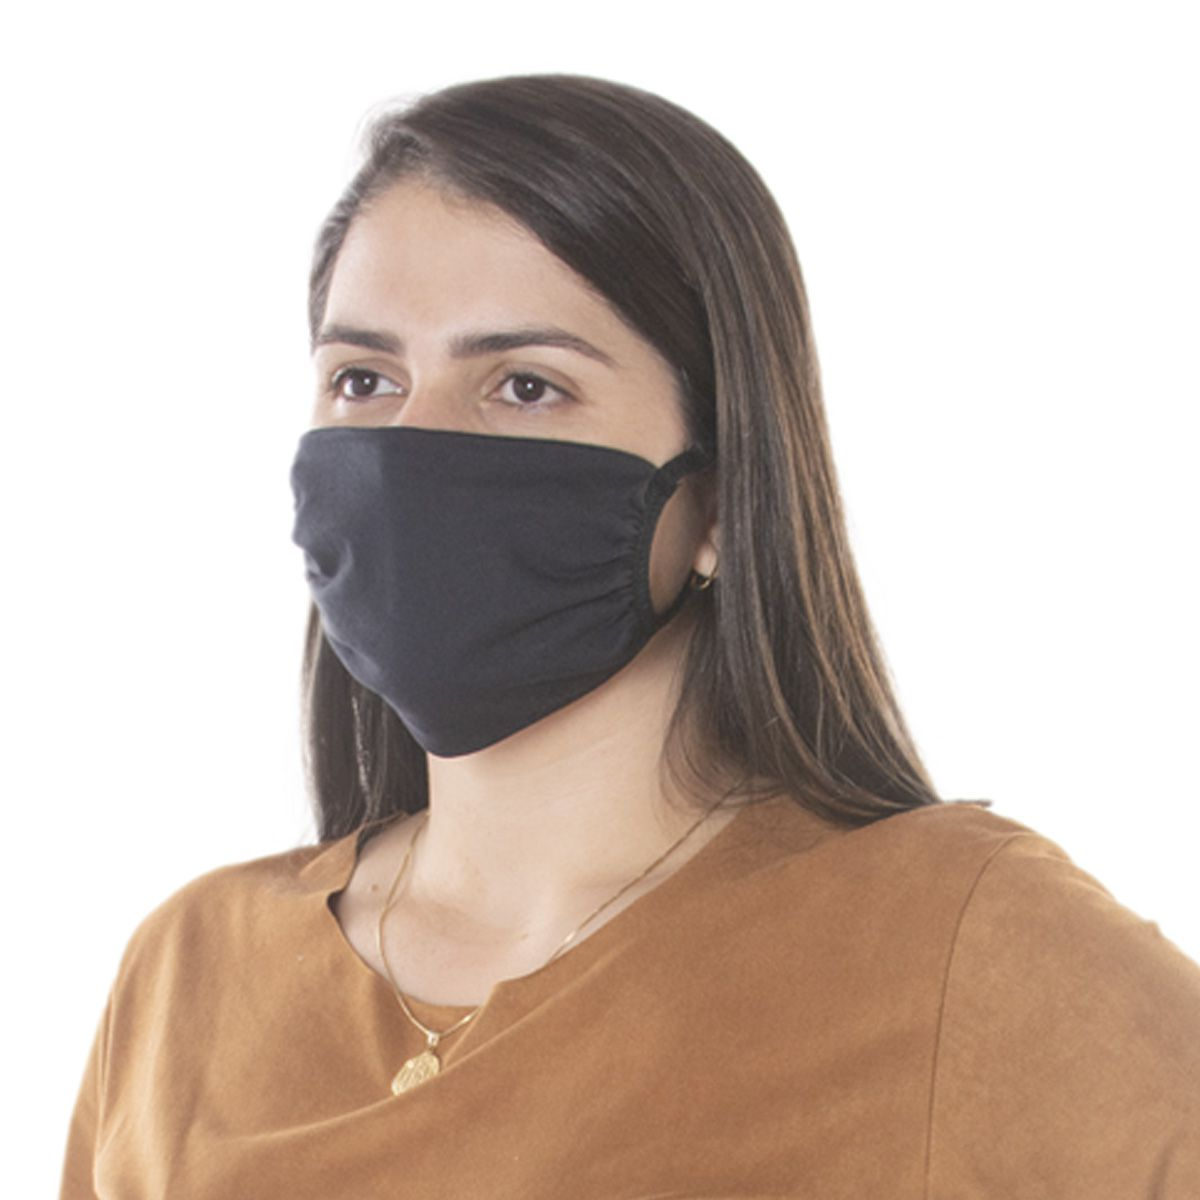 Kit com 1000 Unidades de Máscaras de Proteção em Algodão Reutilizável